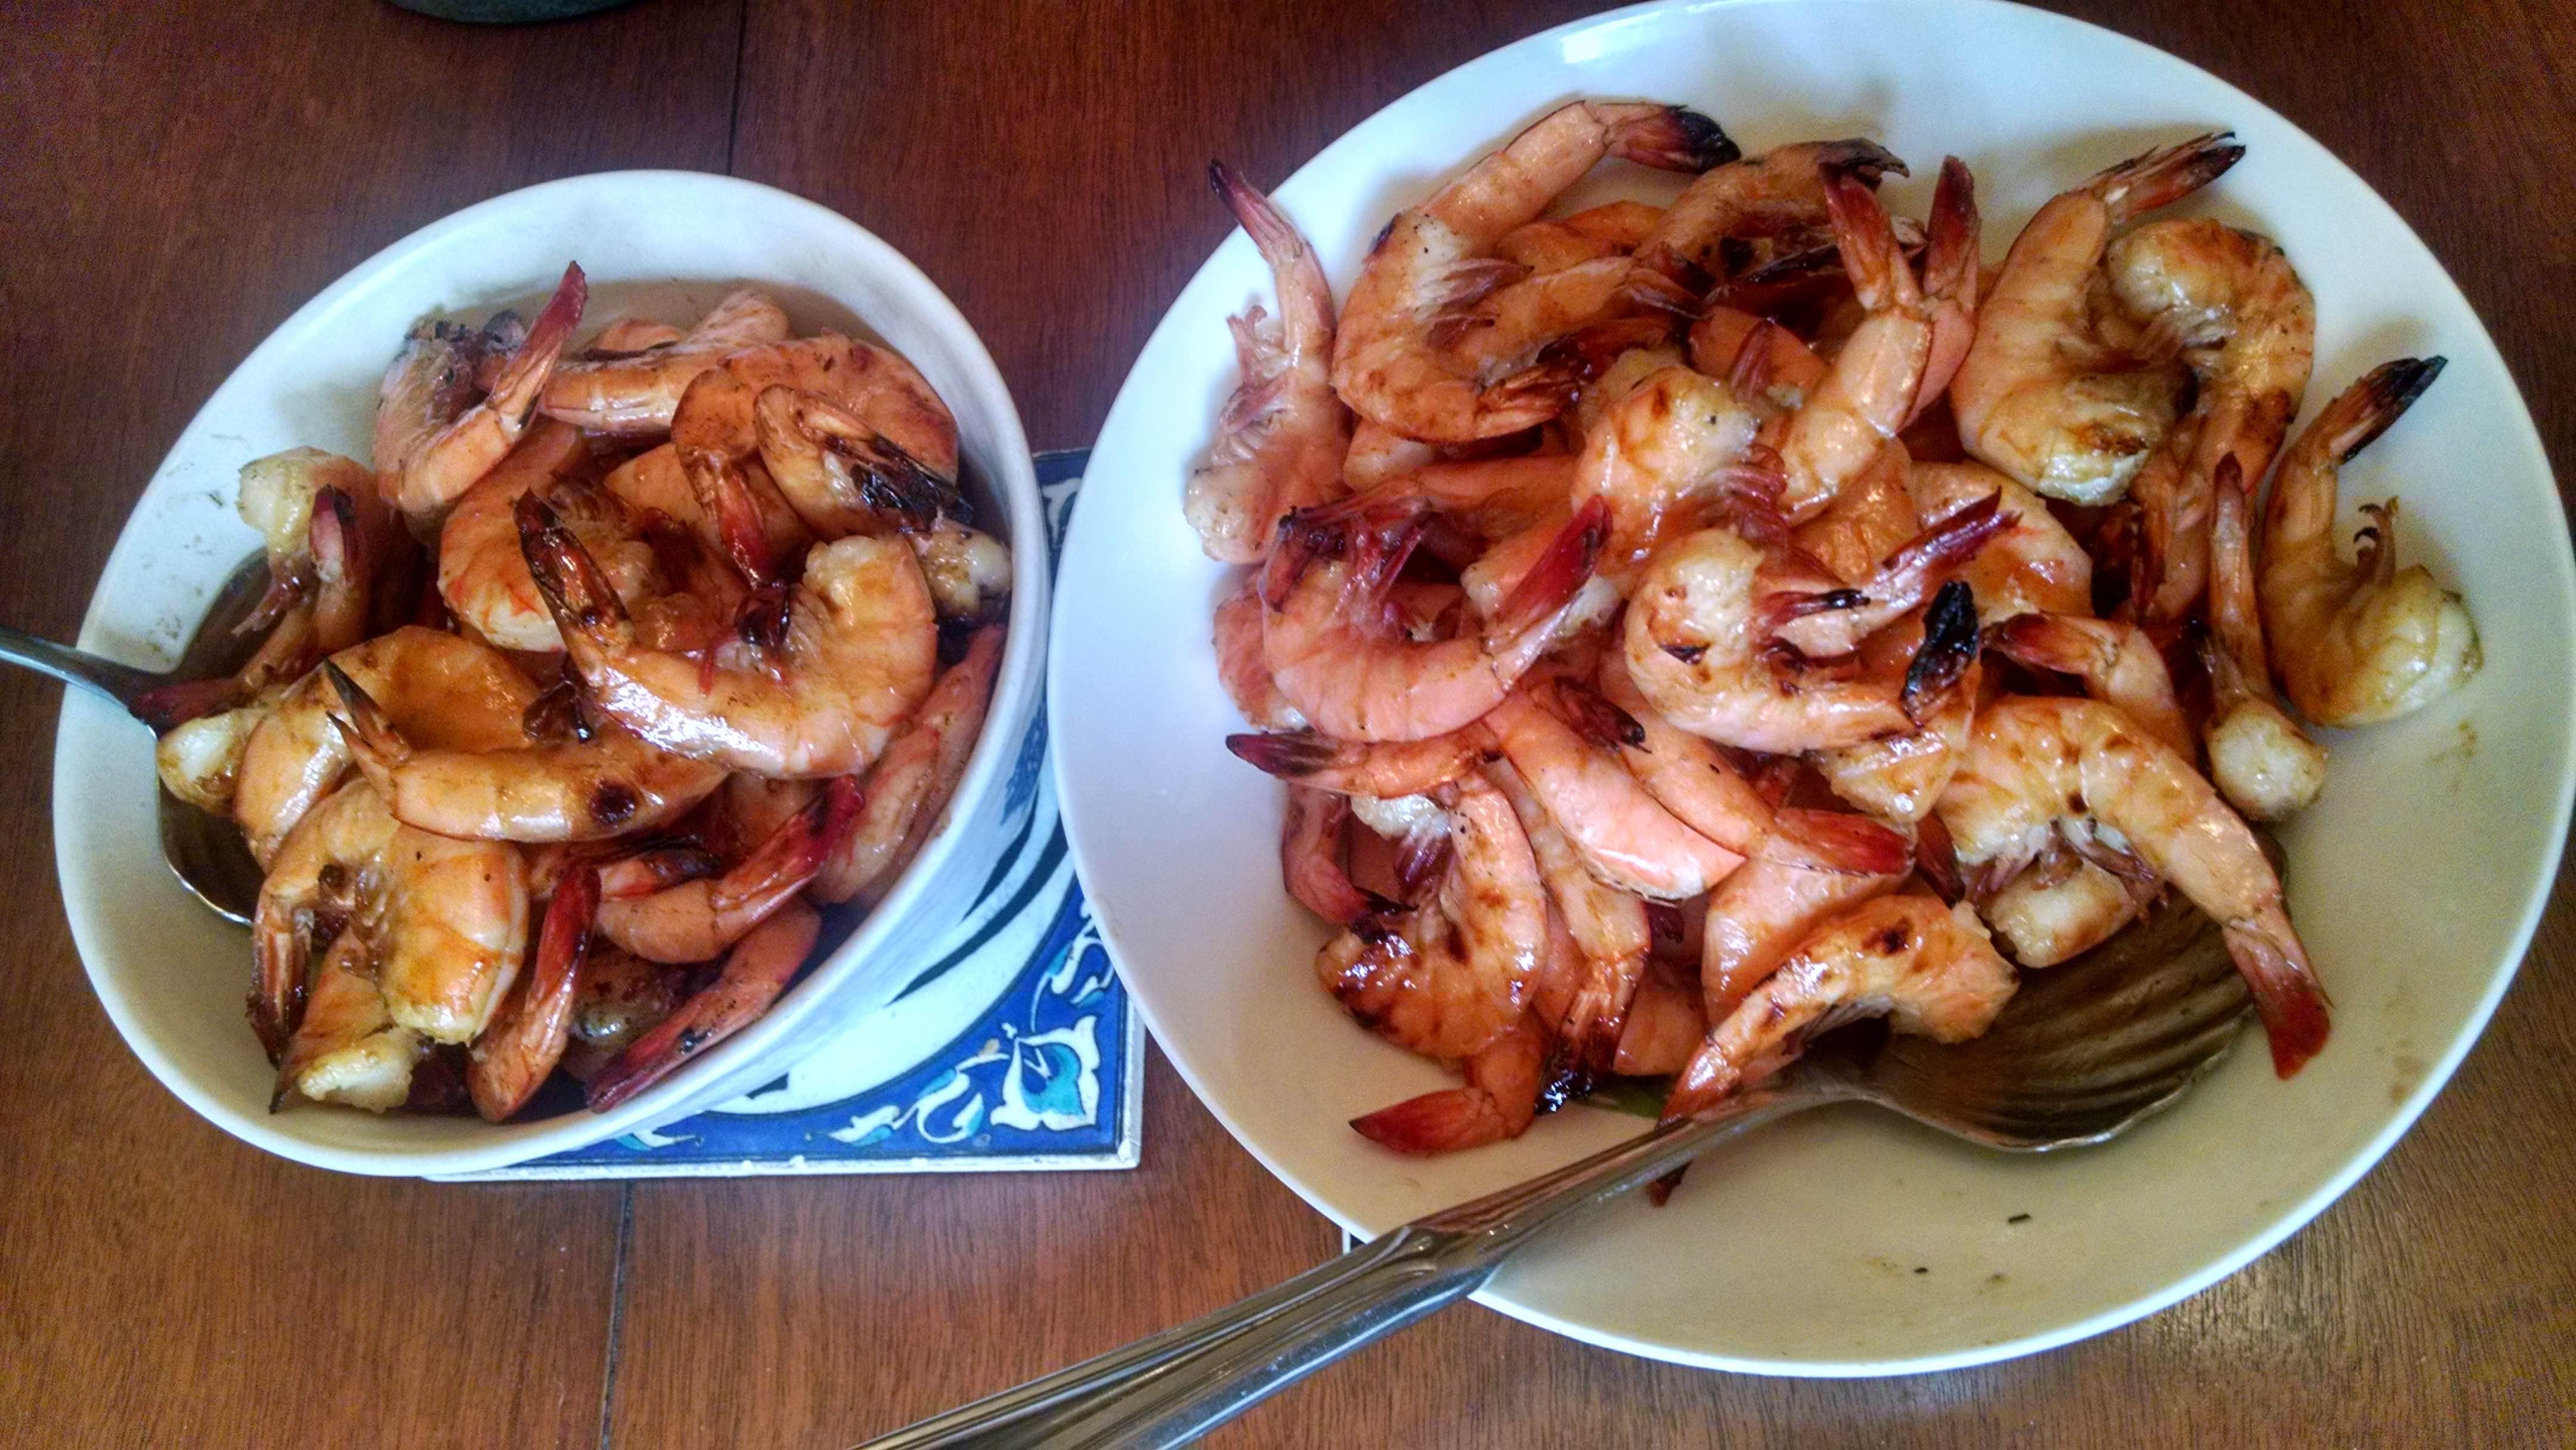 shrimp in bowls